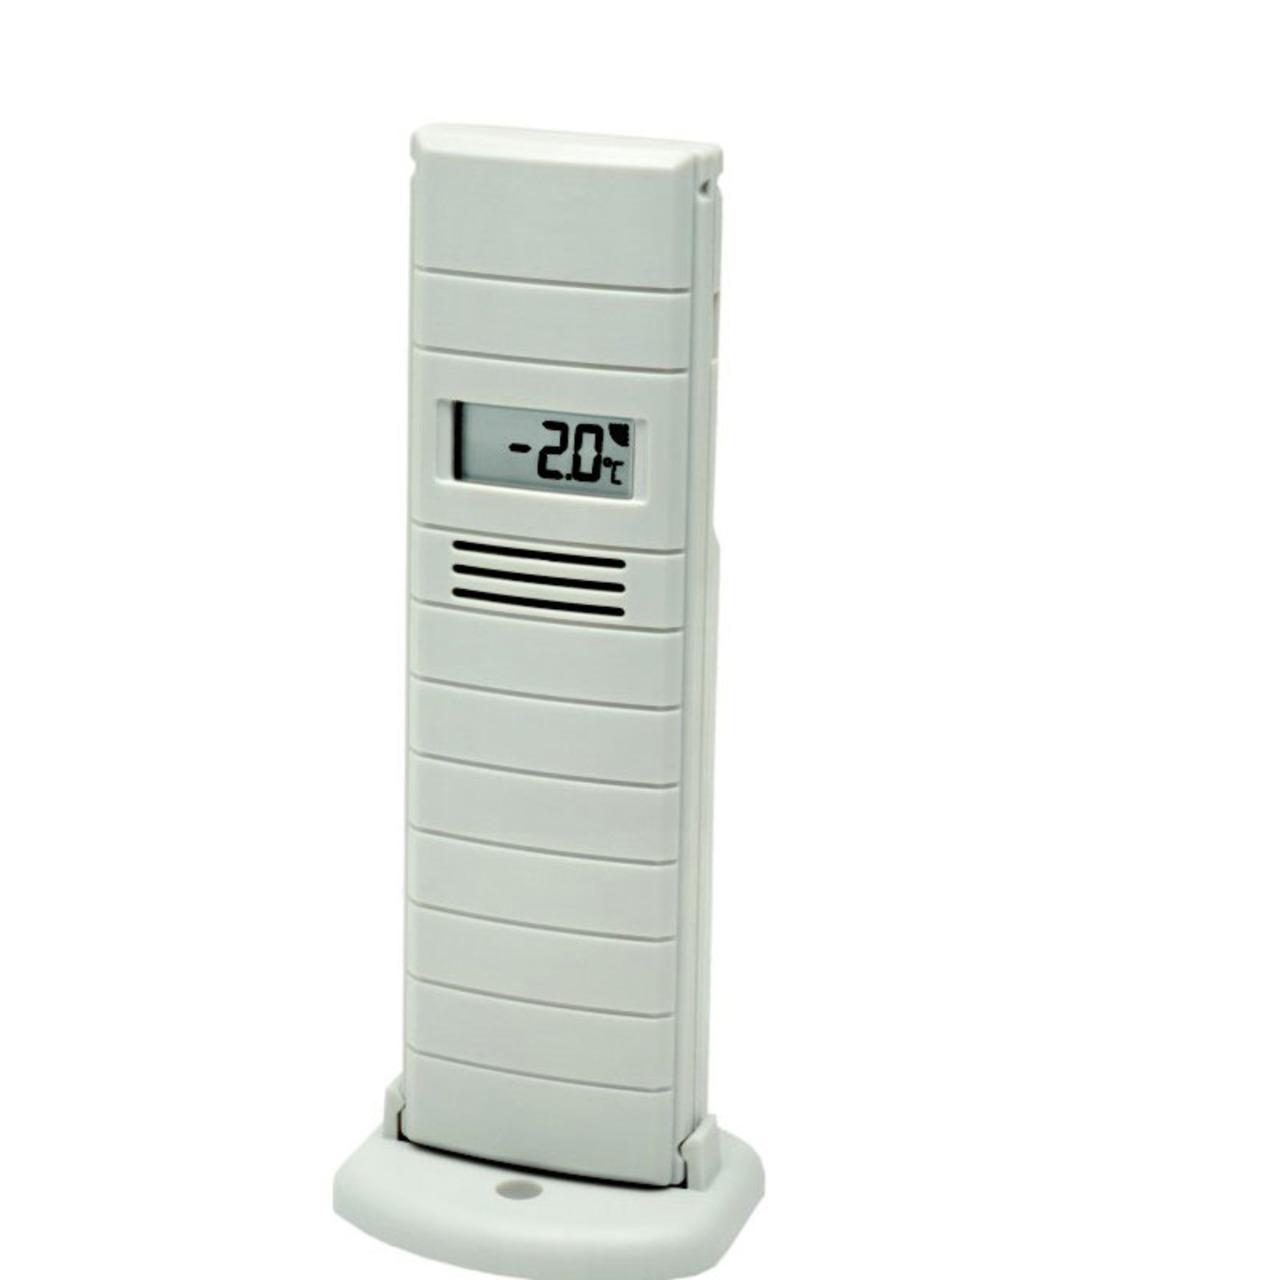 technoline Funk-Aussensensor TX29DTH-IT für Wettercenter WS 9040